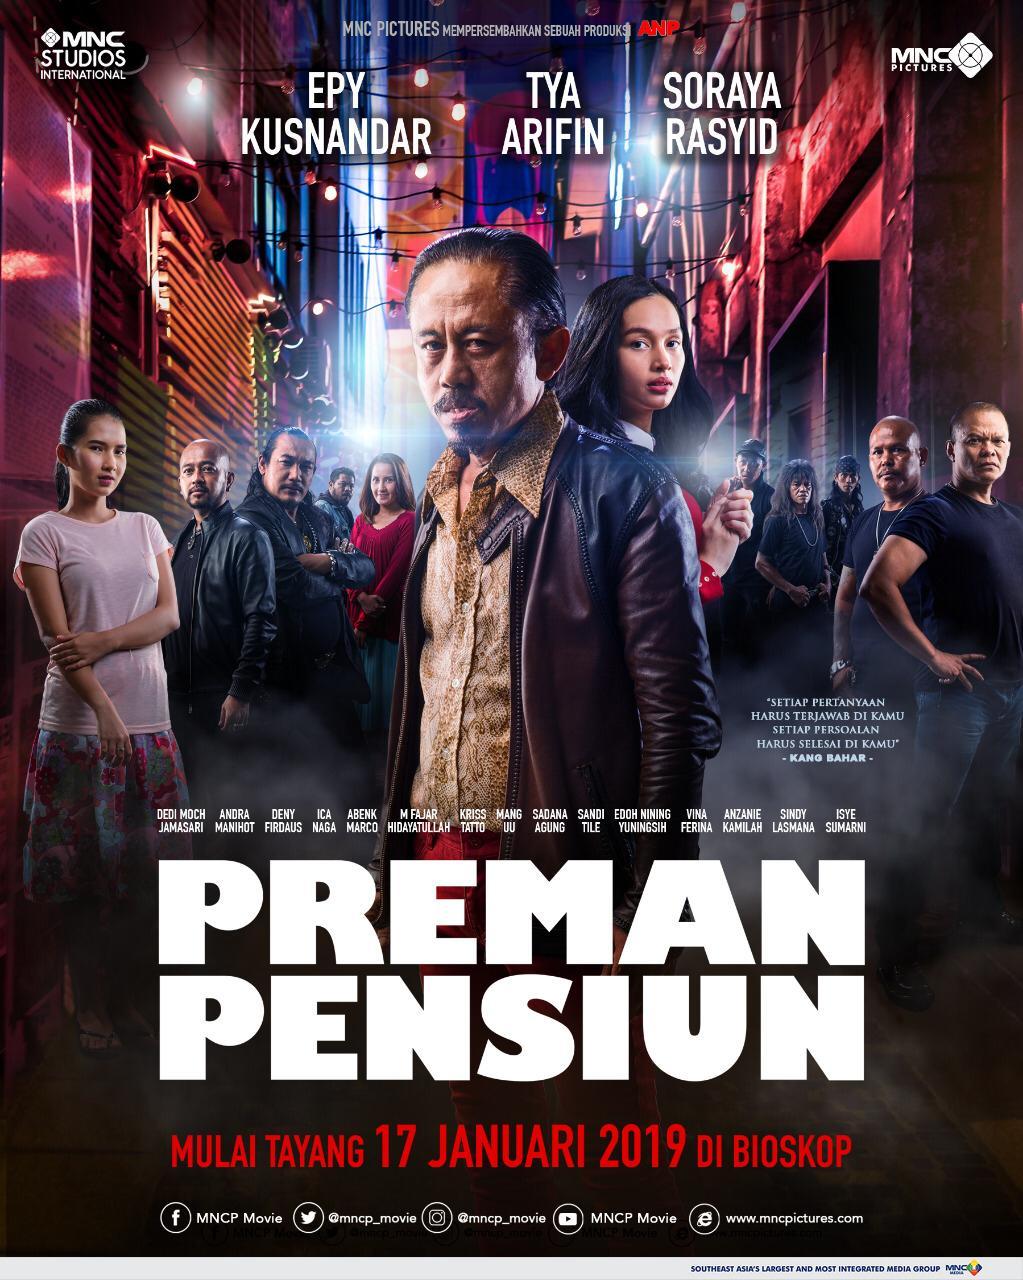 Poster Preman Pensiun